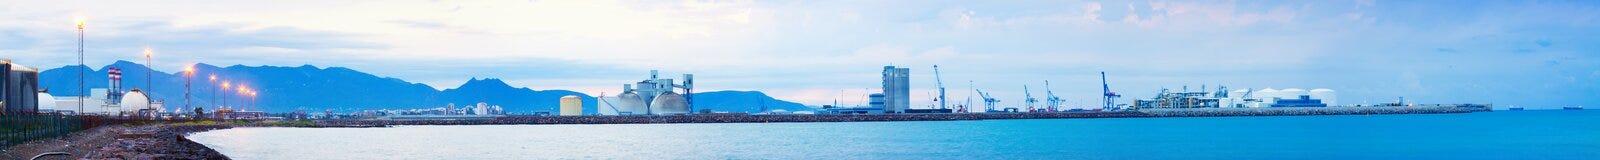 Panarama Puerto de Castellon - промышленного порта Стоковые Изображения